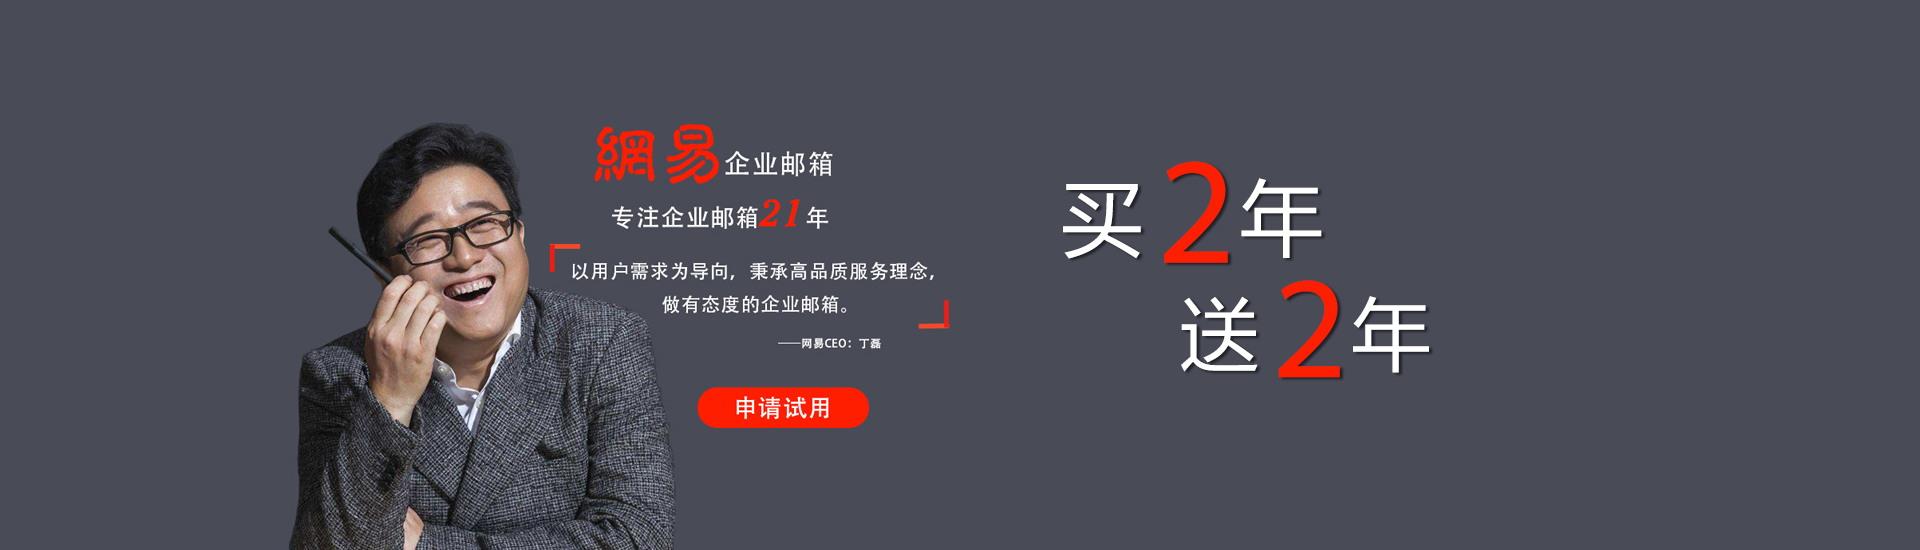 深圳企业邮箱